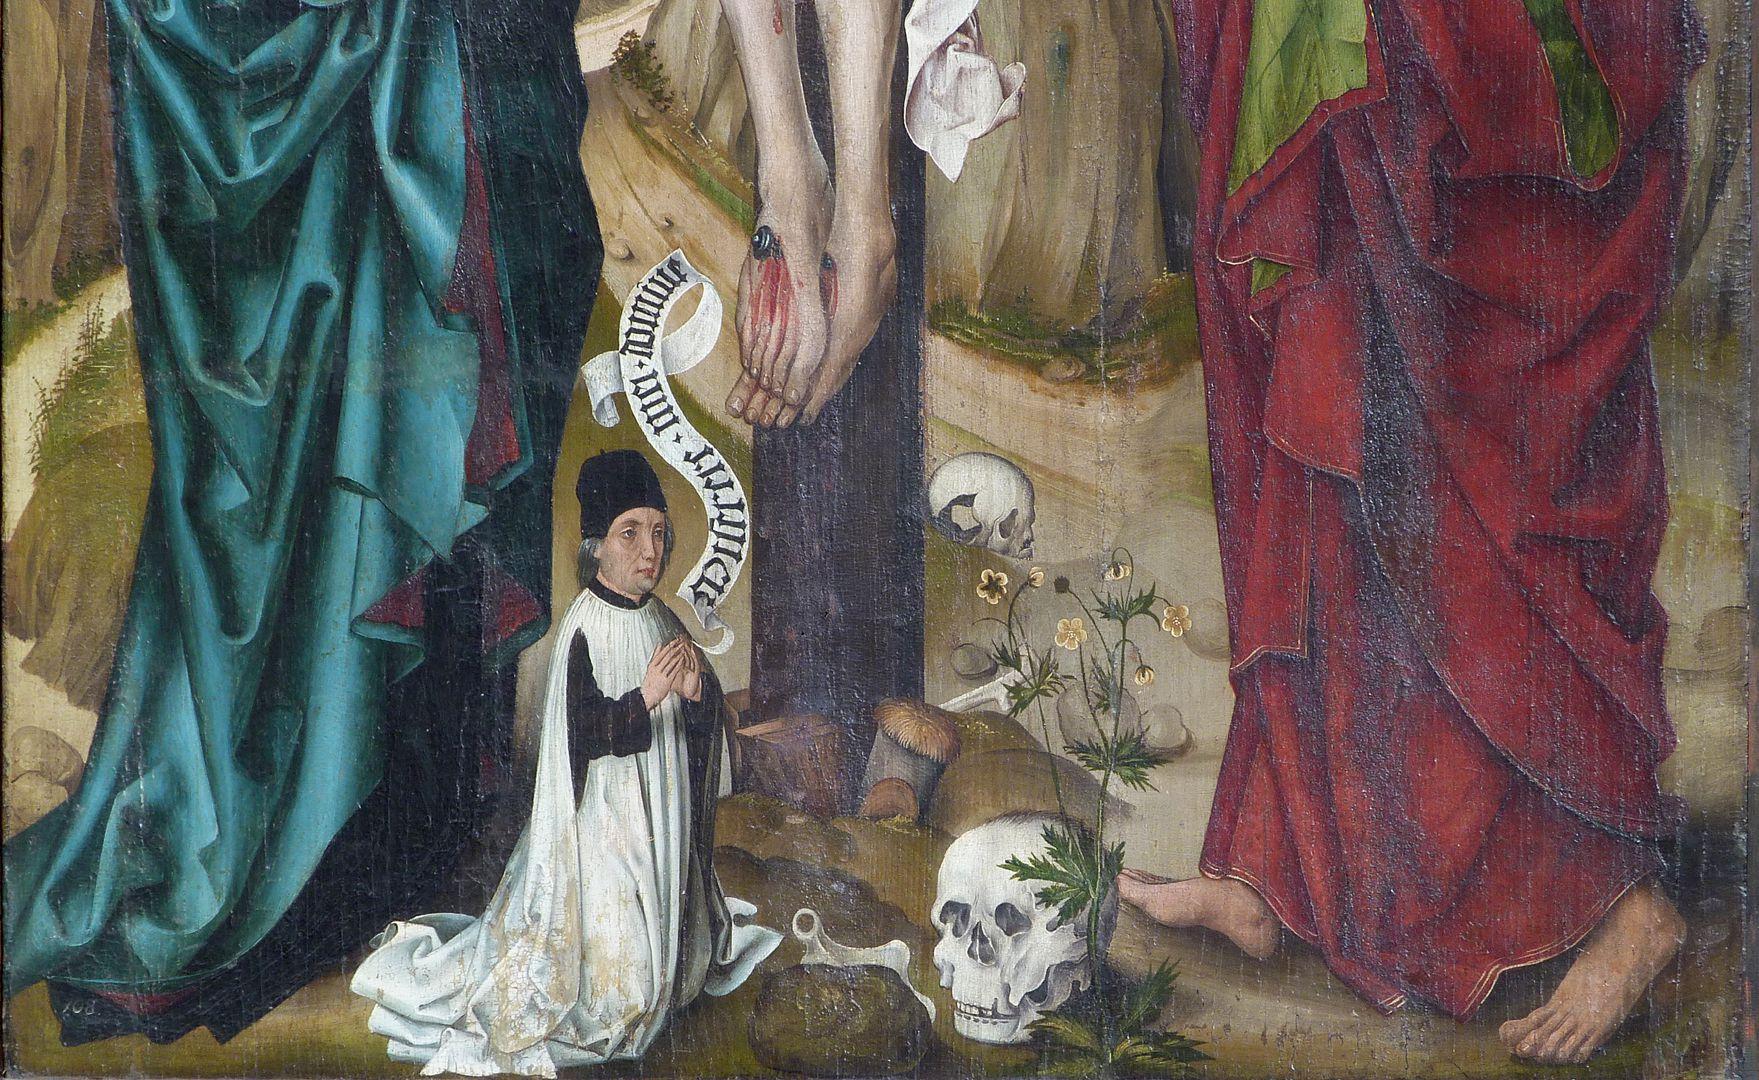 Kreuzigung Christi unteres Bilddrittel mit Stifterfigur und Spruchband: Miserere mei domine = Herr, erbarme dich